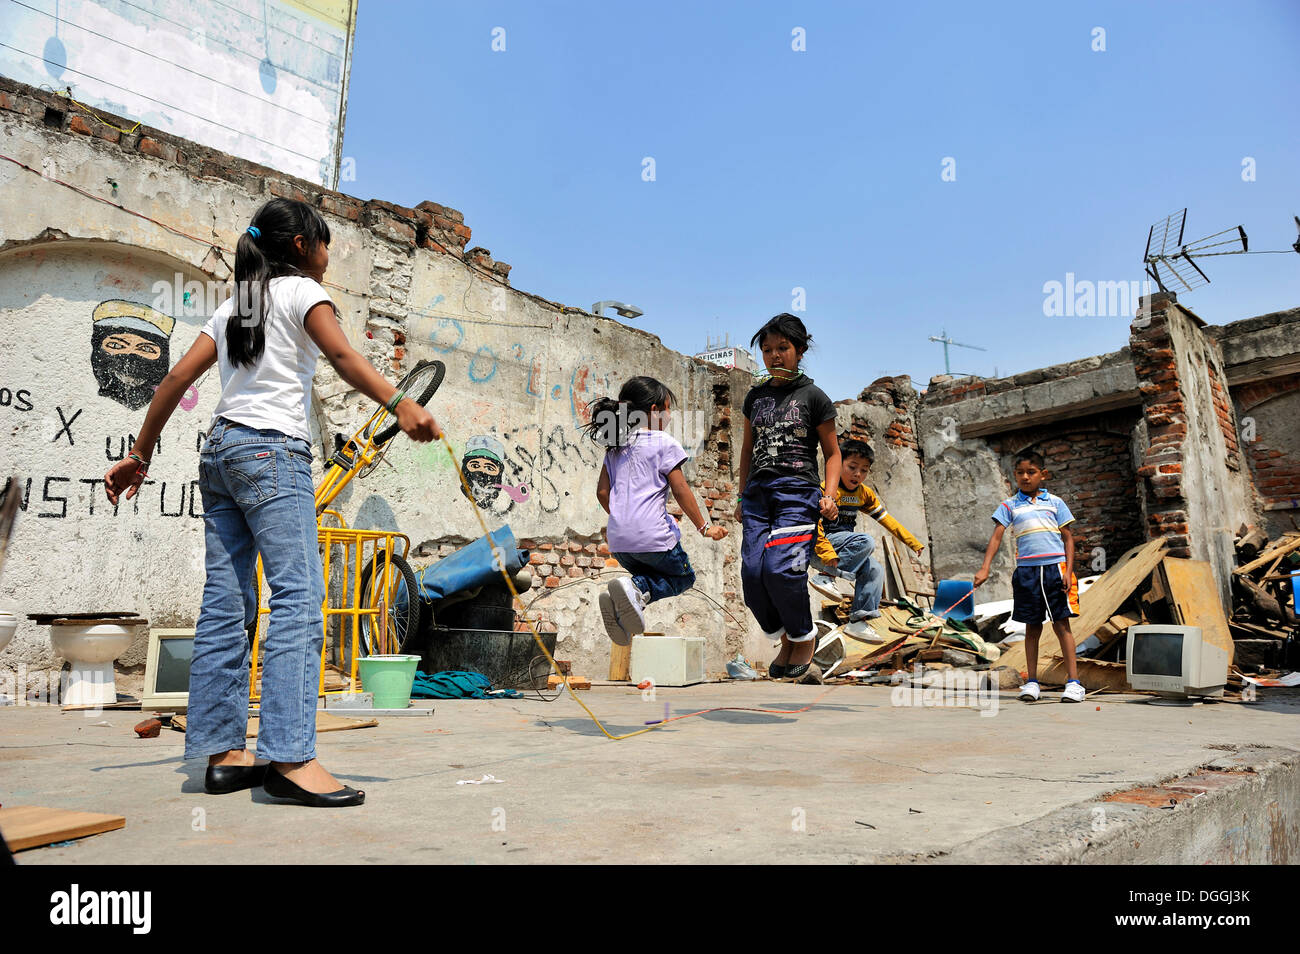 Kinder spielen mit einem überspringen Seil in den Ruinen einer Wohnhaus, indigene Gemeinschaft in einem Slum, Mexiko-Stadt, Ciudad de Mexico Stockbild